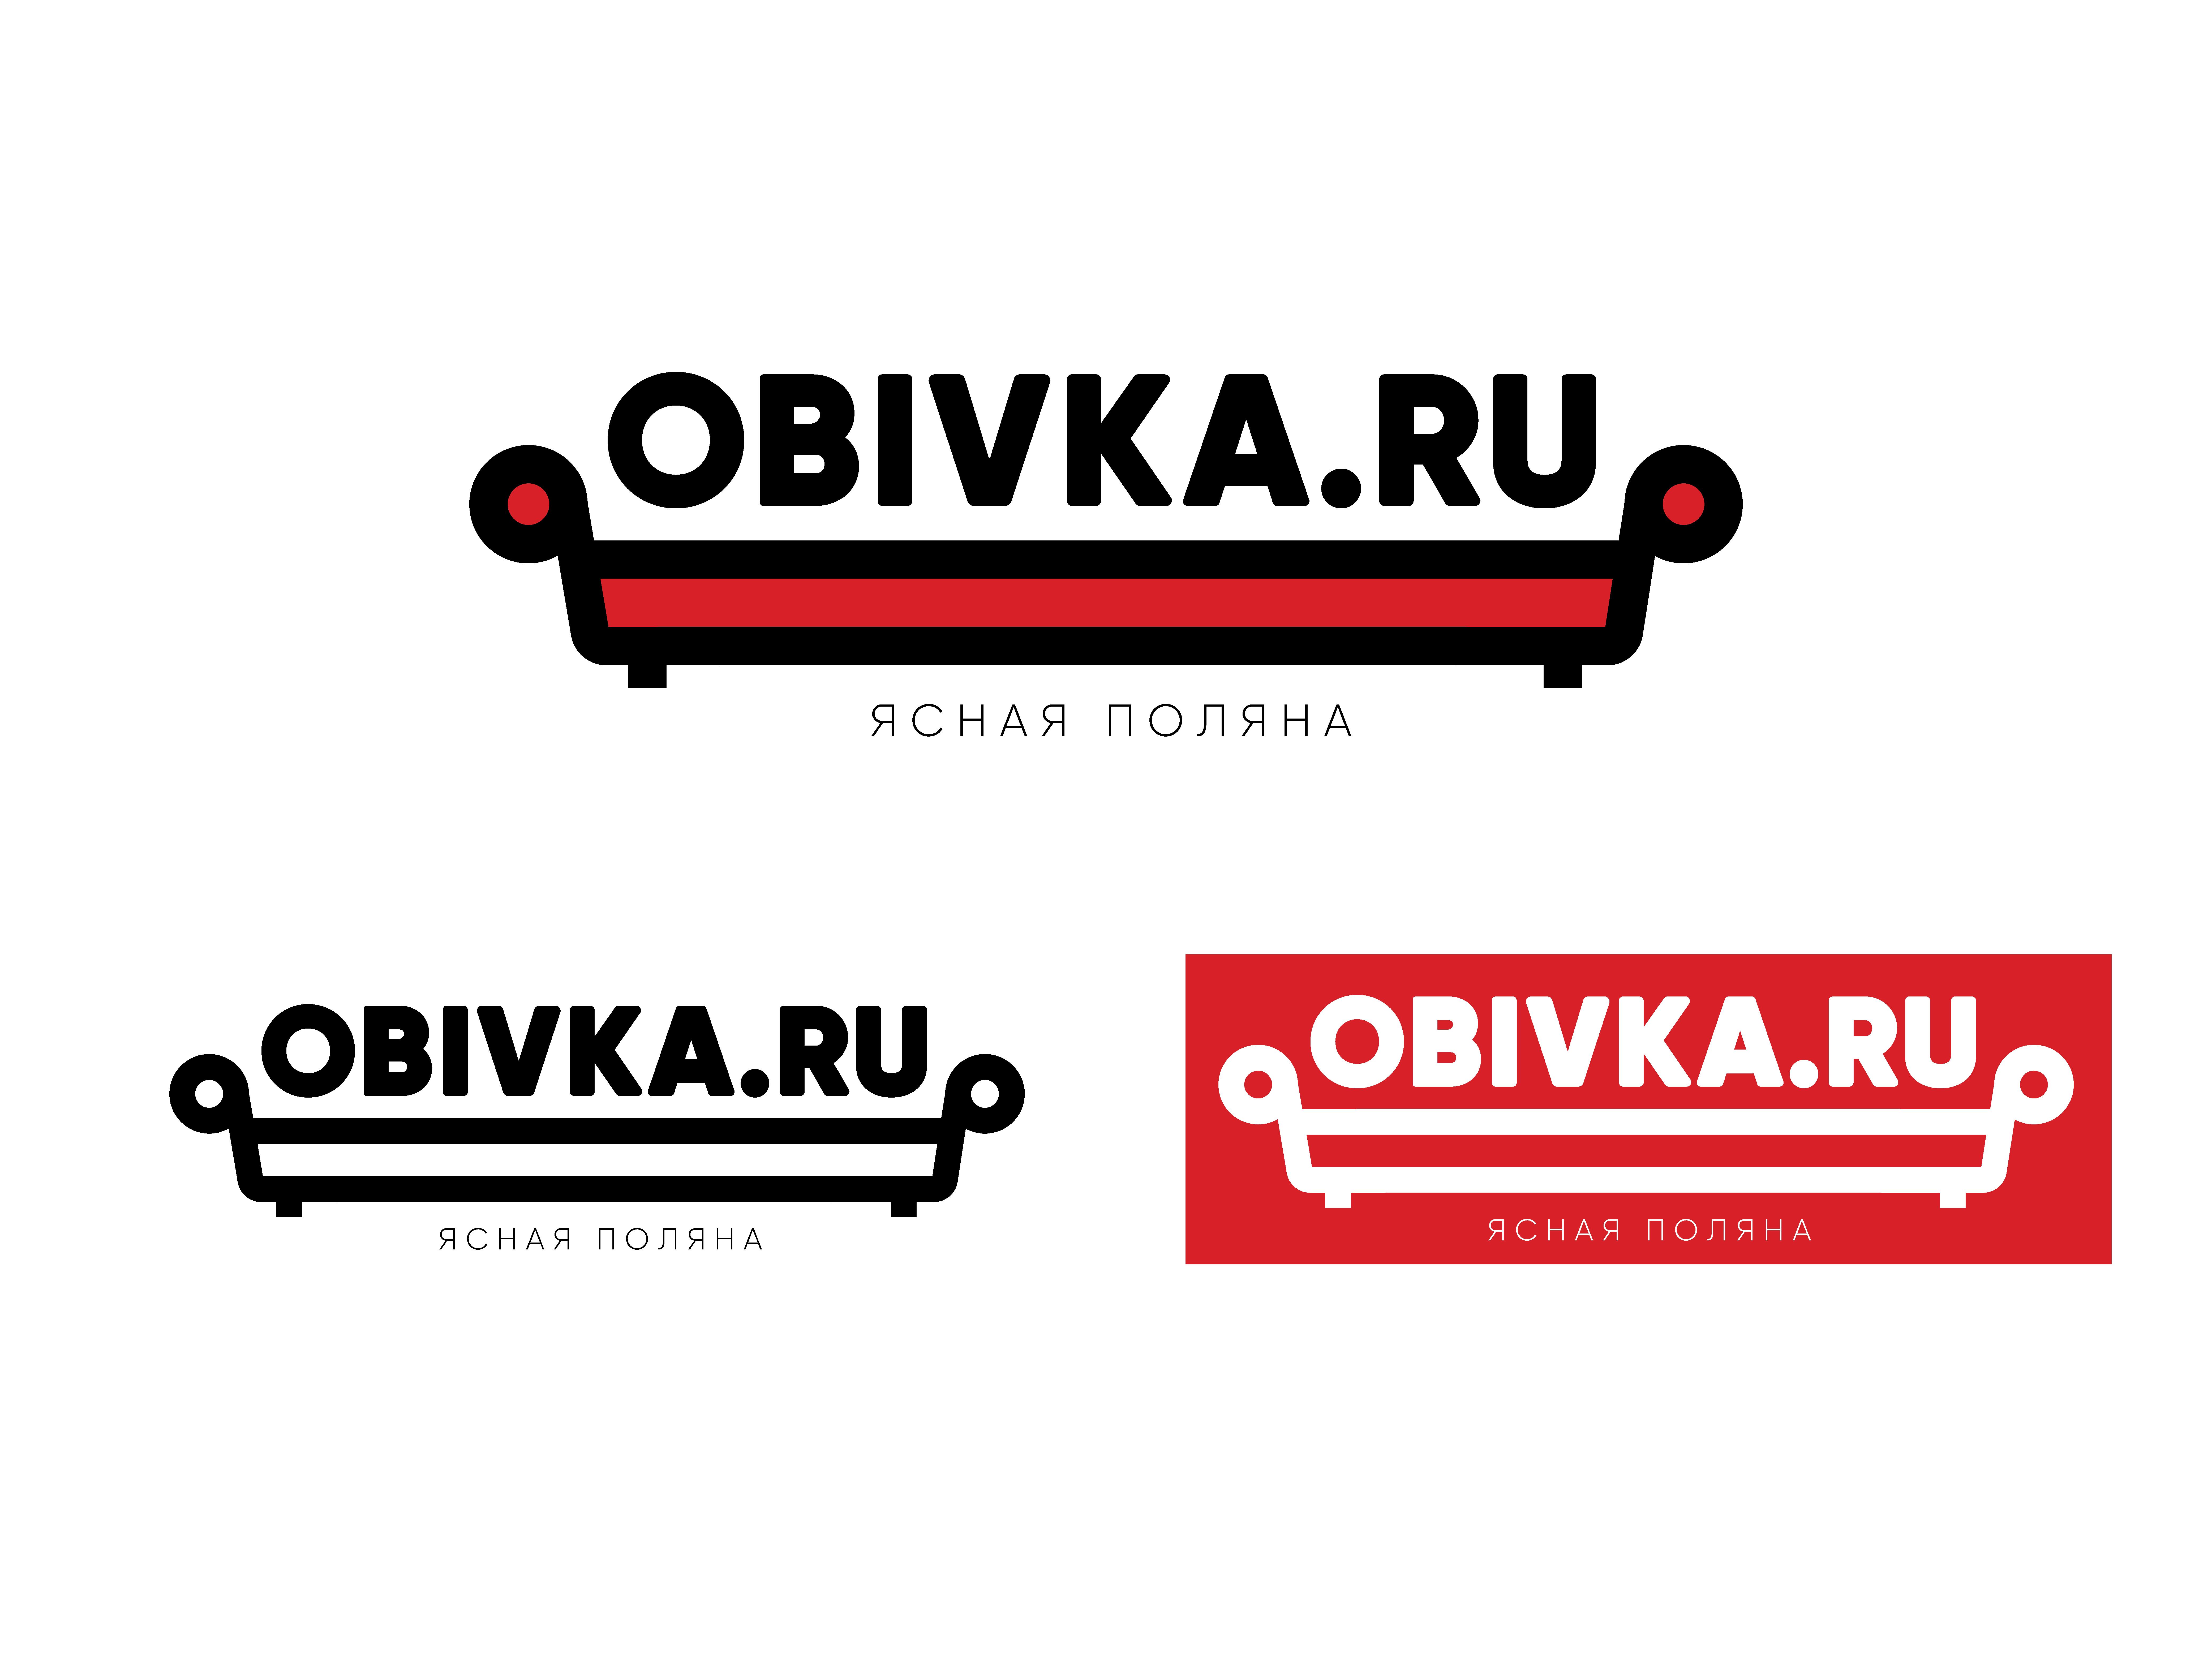 Логотип для сайта OBIVKA.RU фото f_7845c11536a2efee.png